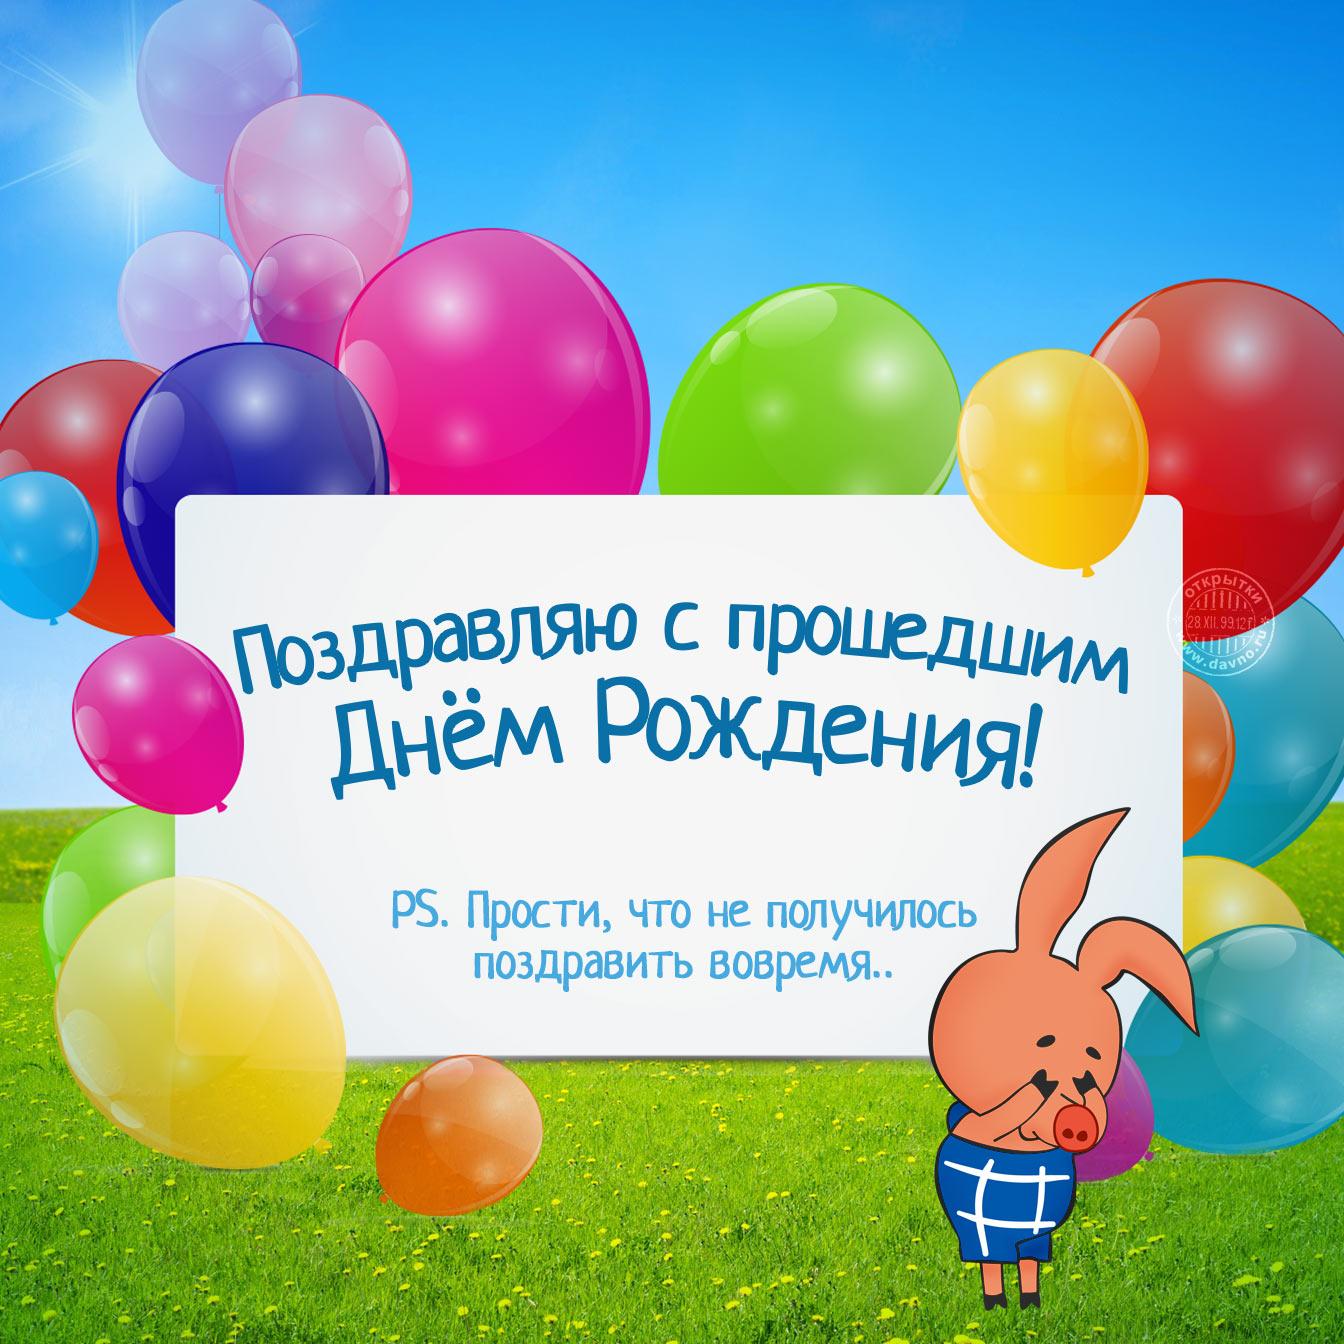 Изображение - Поздравление с прошедшим днем рождением S-proshedshim-dnem-rozhdeniya-kartinki-16